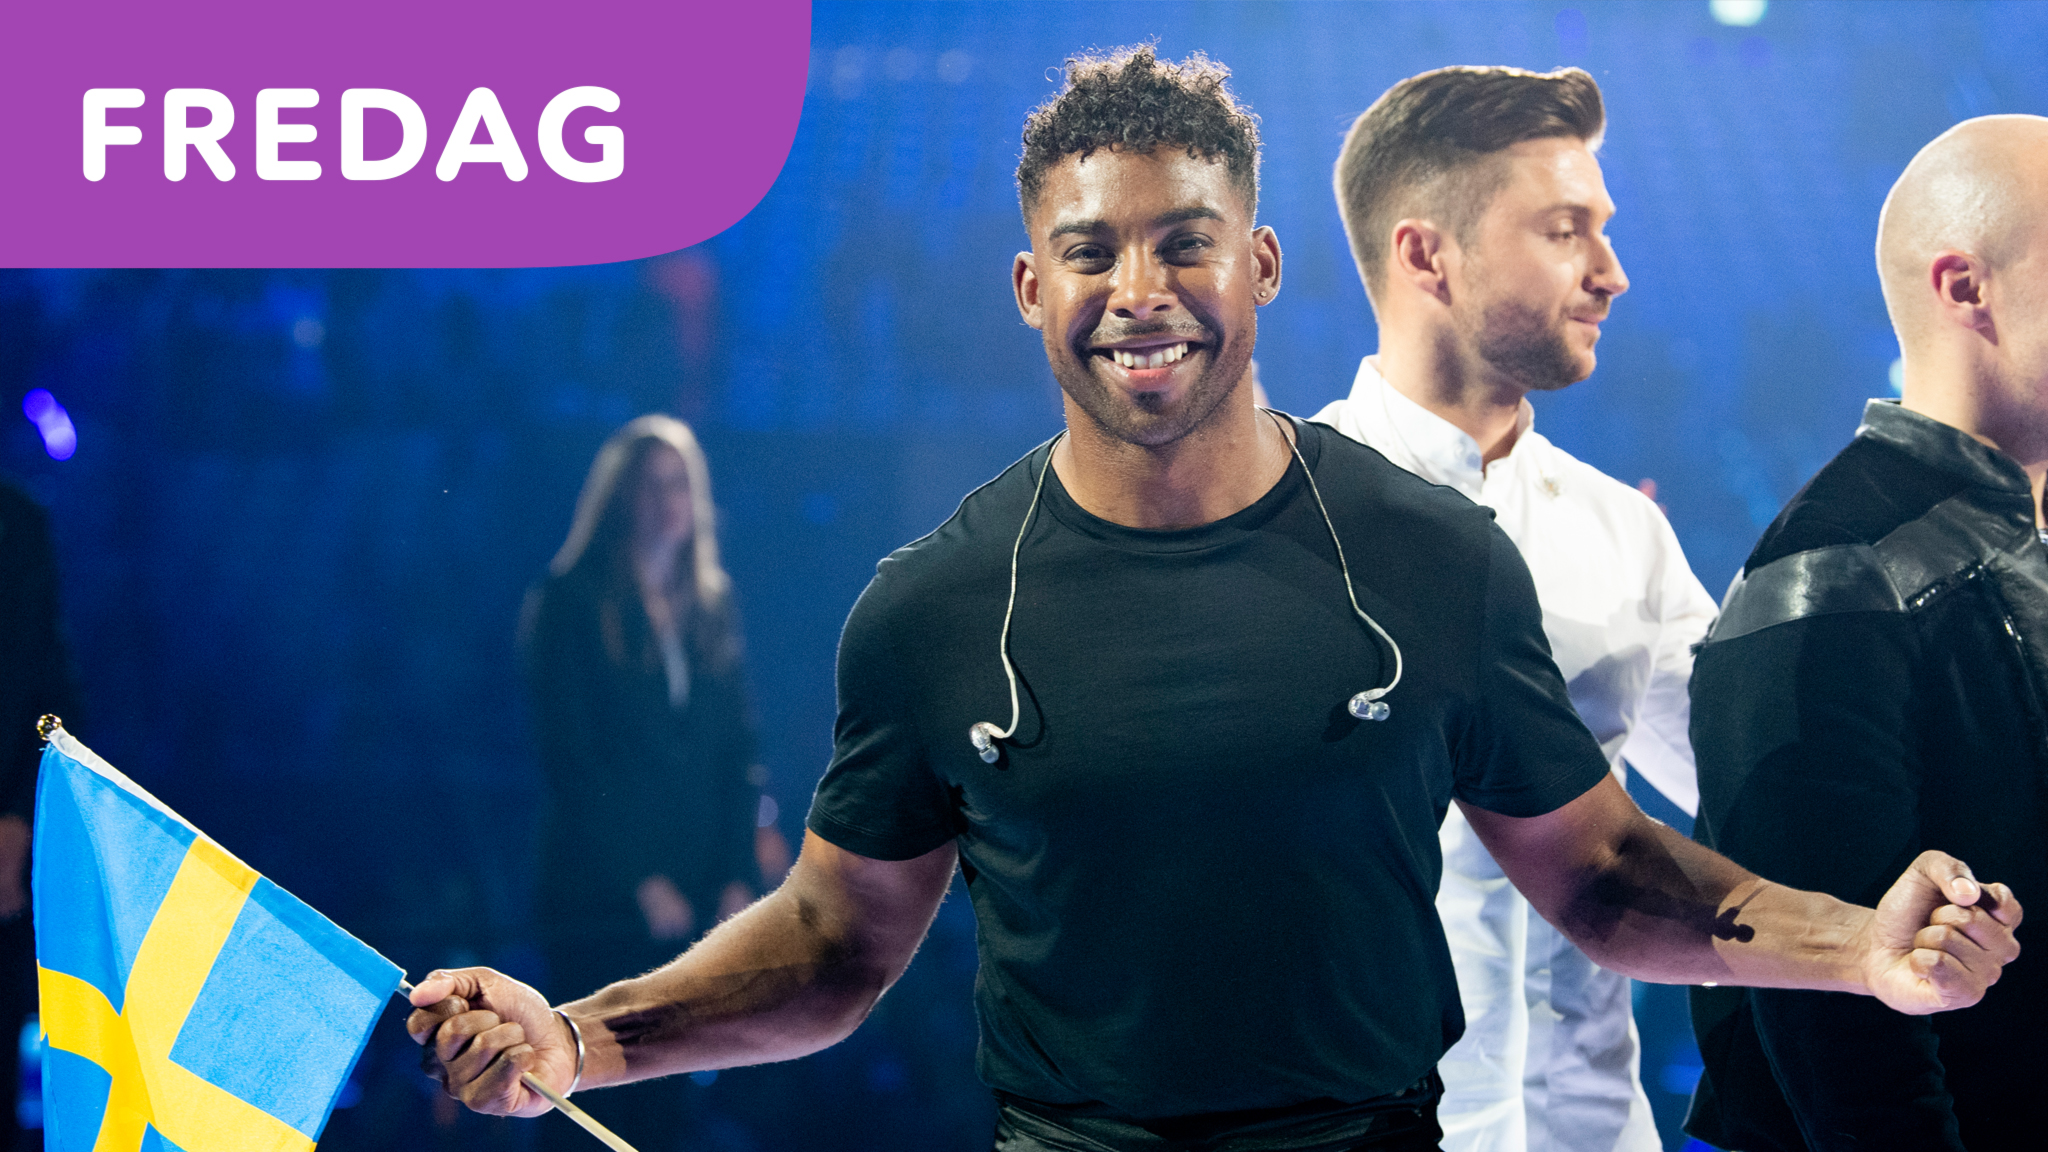 Vem vinner Eurovision?